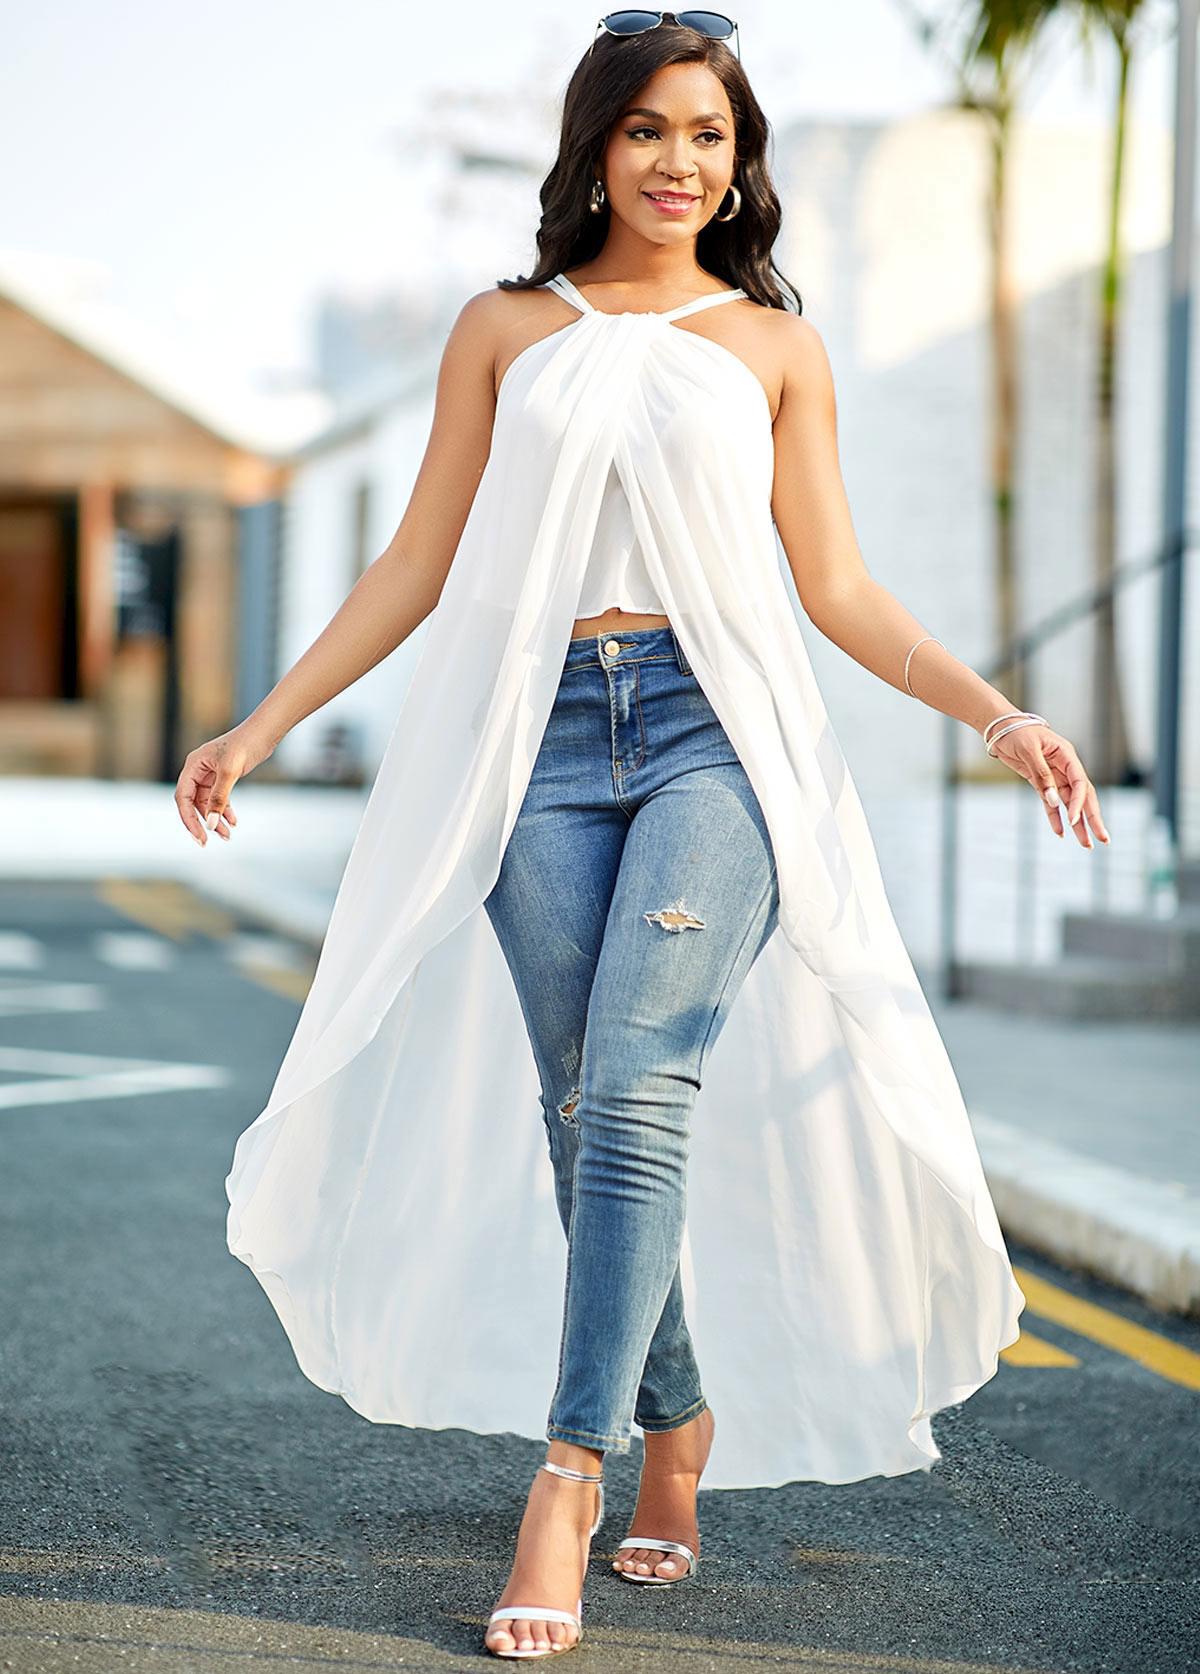 ROTITA Asymmetric Hem White Cross Strap Chiffon Blouse